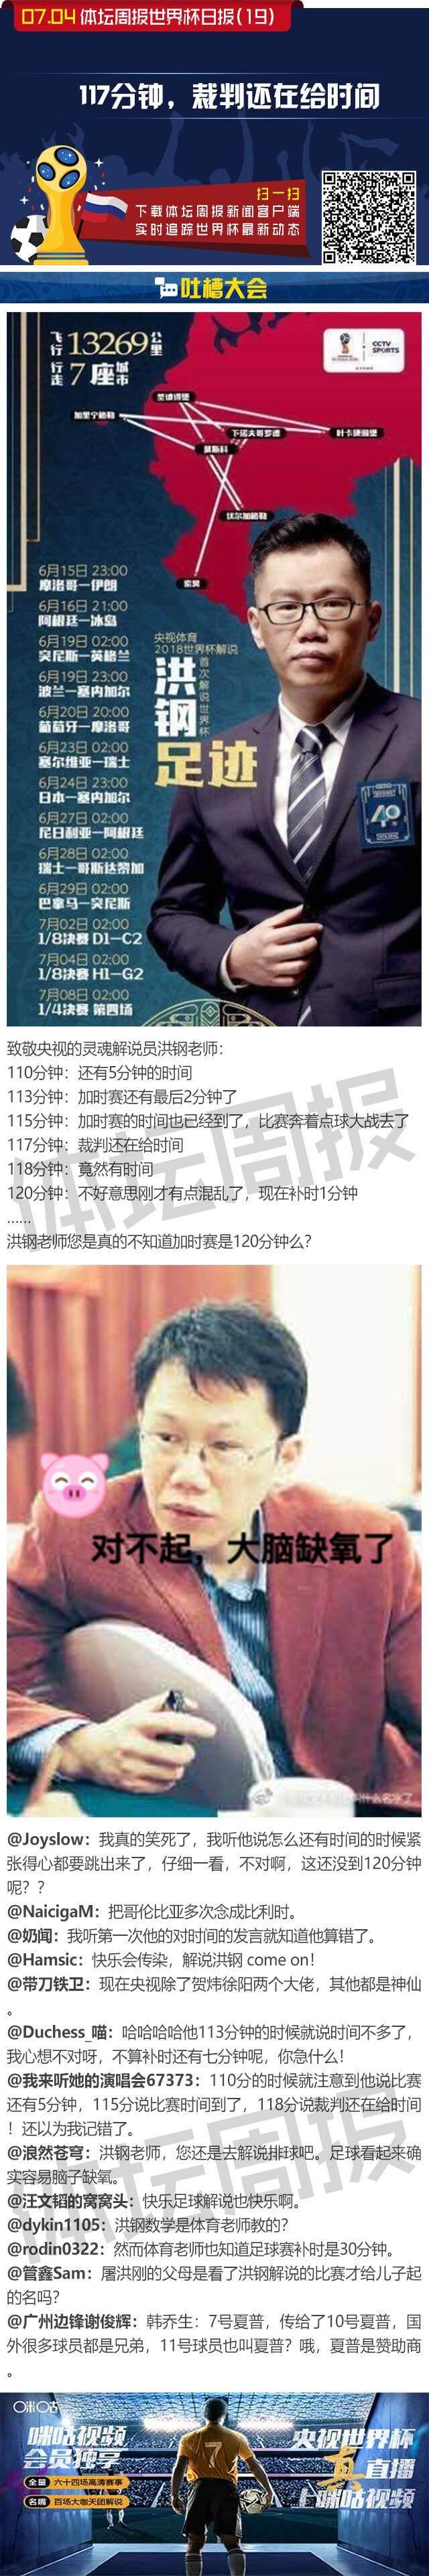 洪刚傻逼 (1).jpg